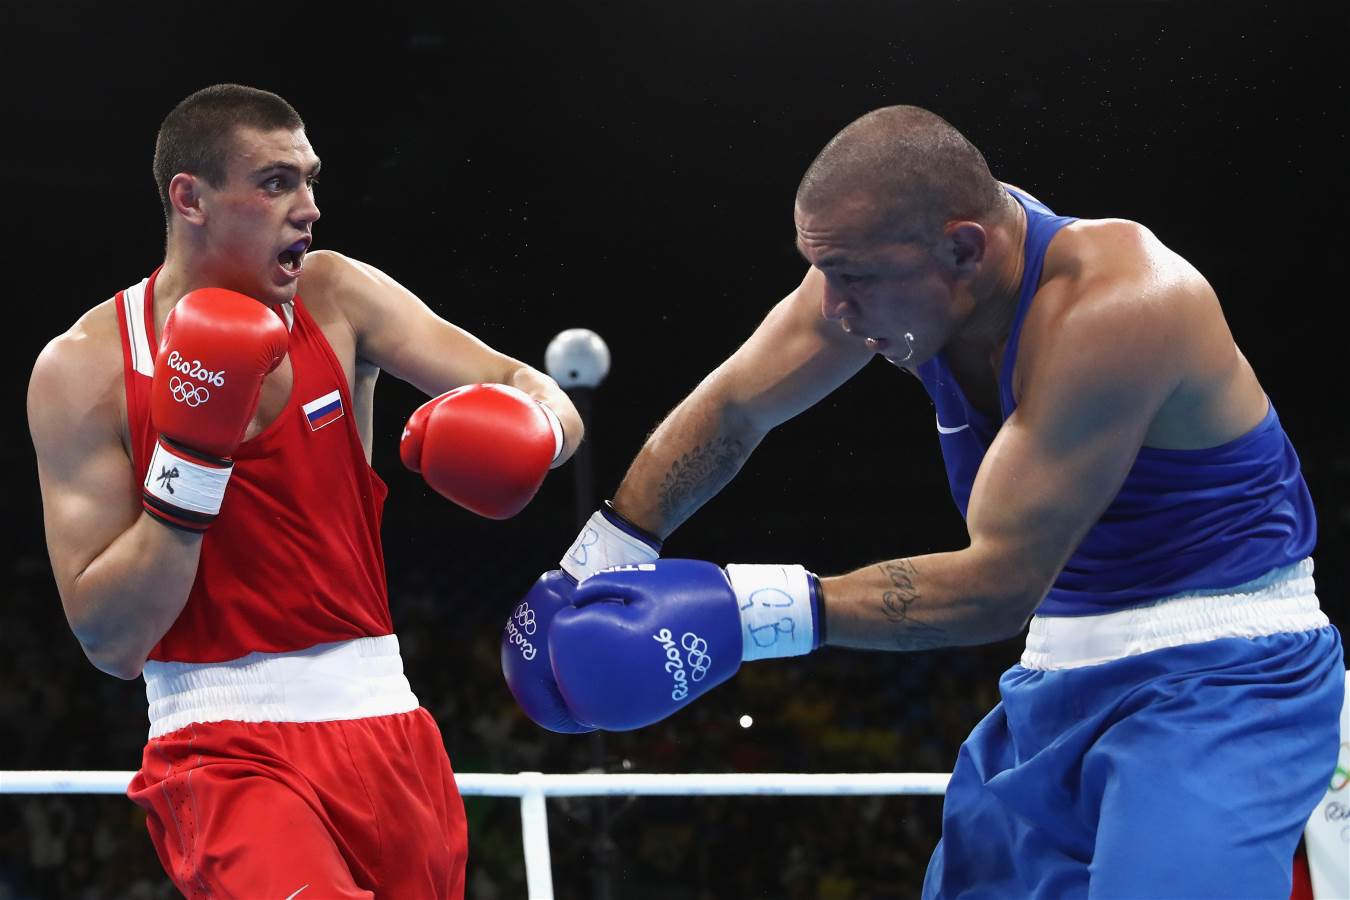 Степанов алексей боксер фото